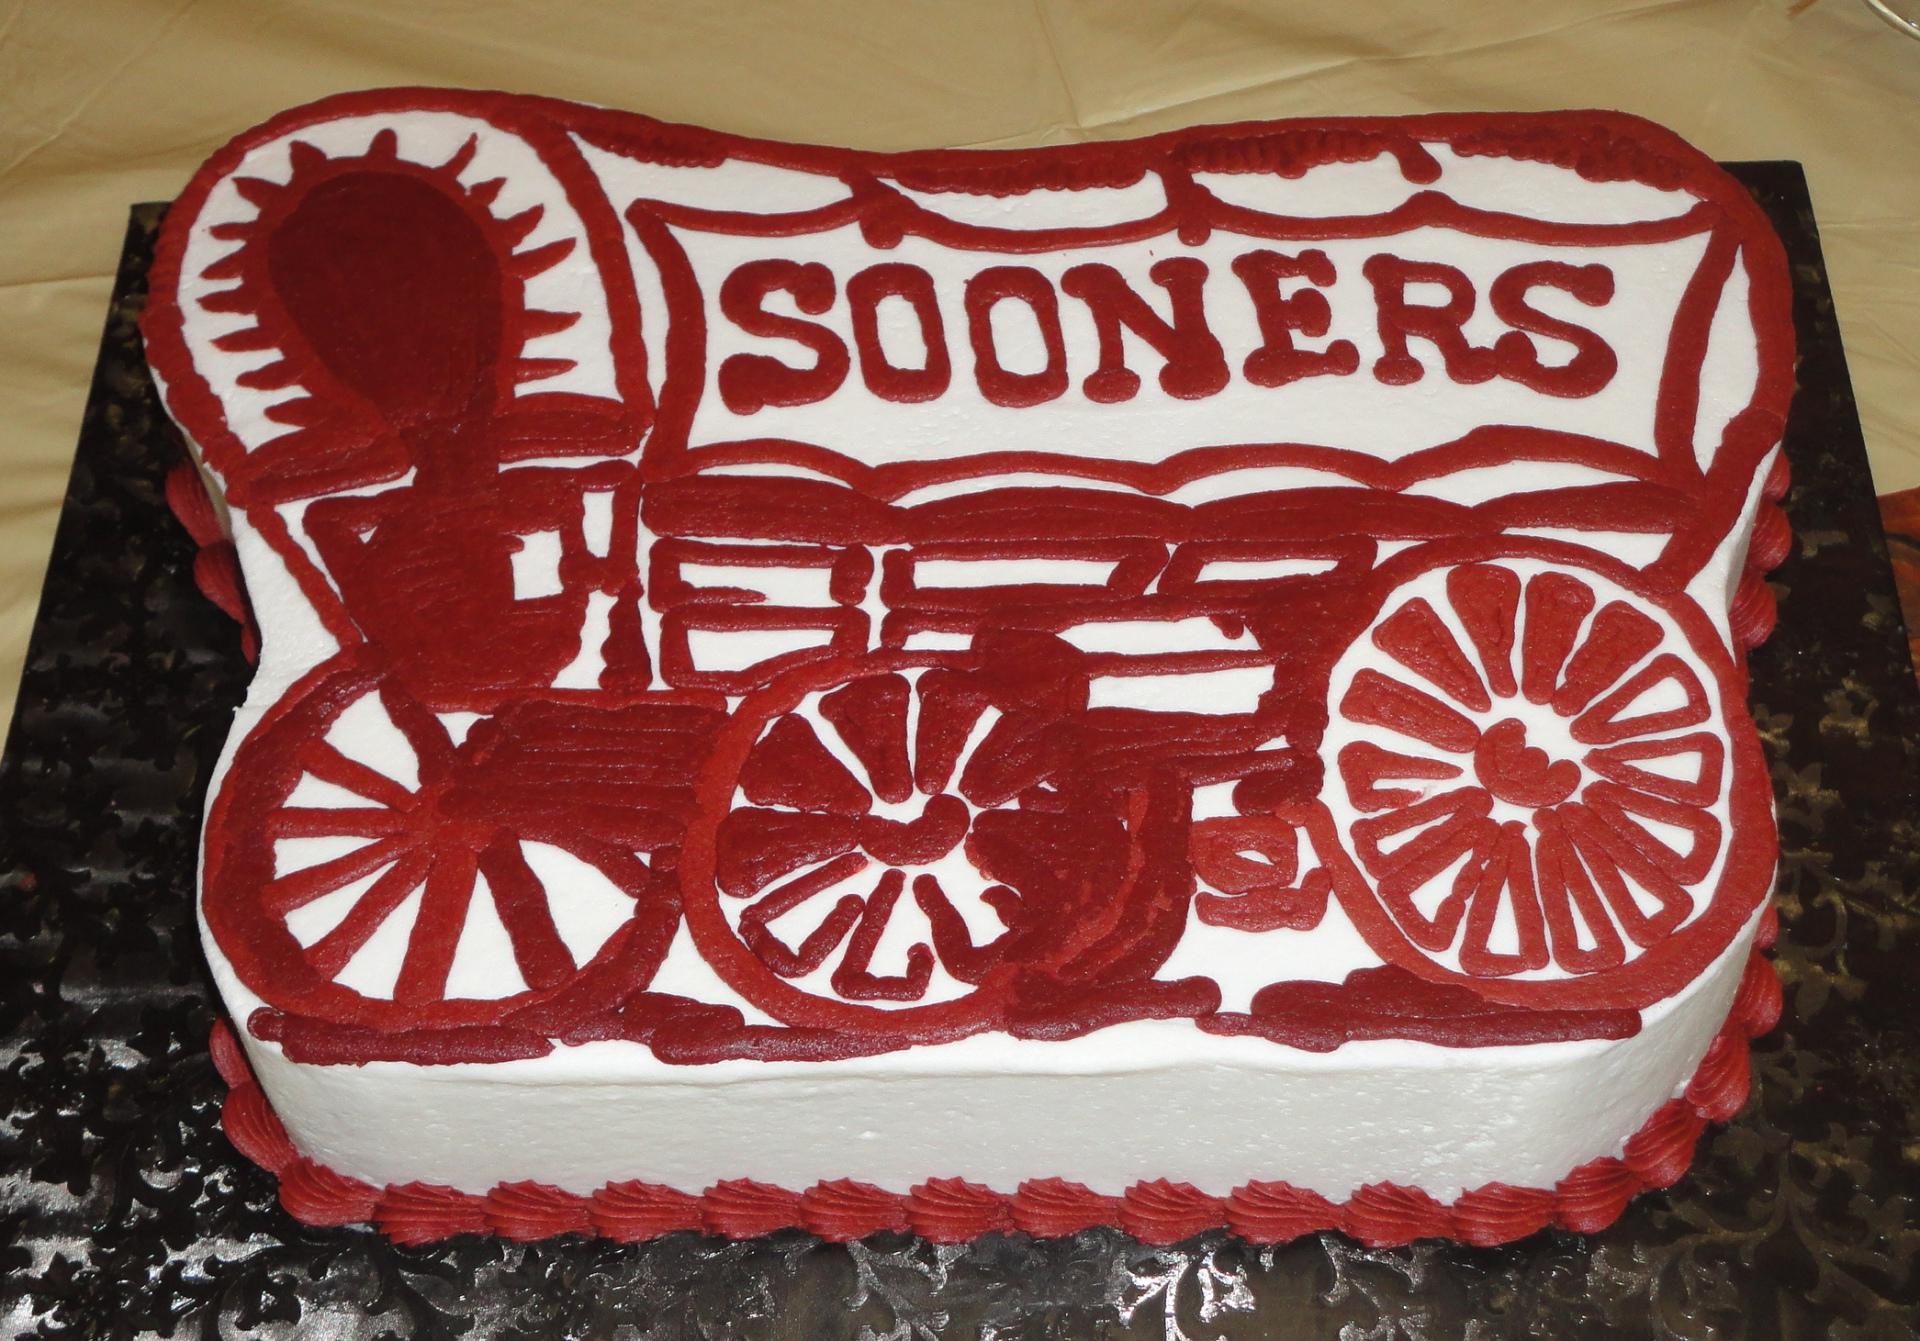 OU grooms cake